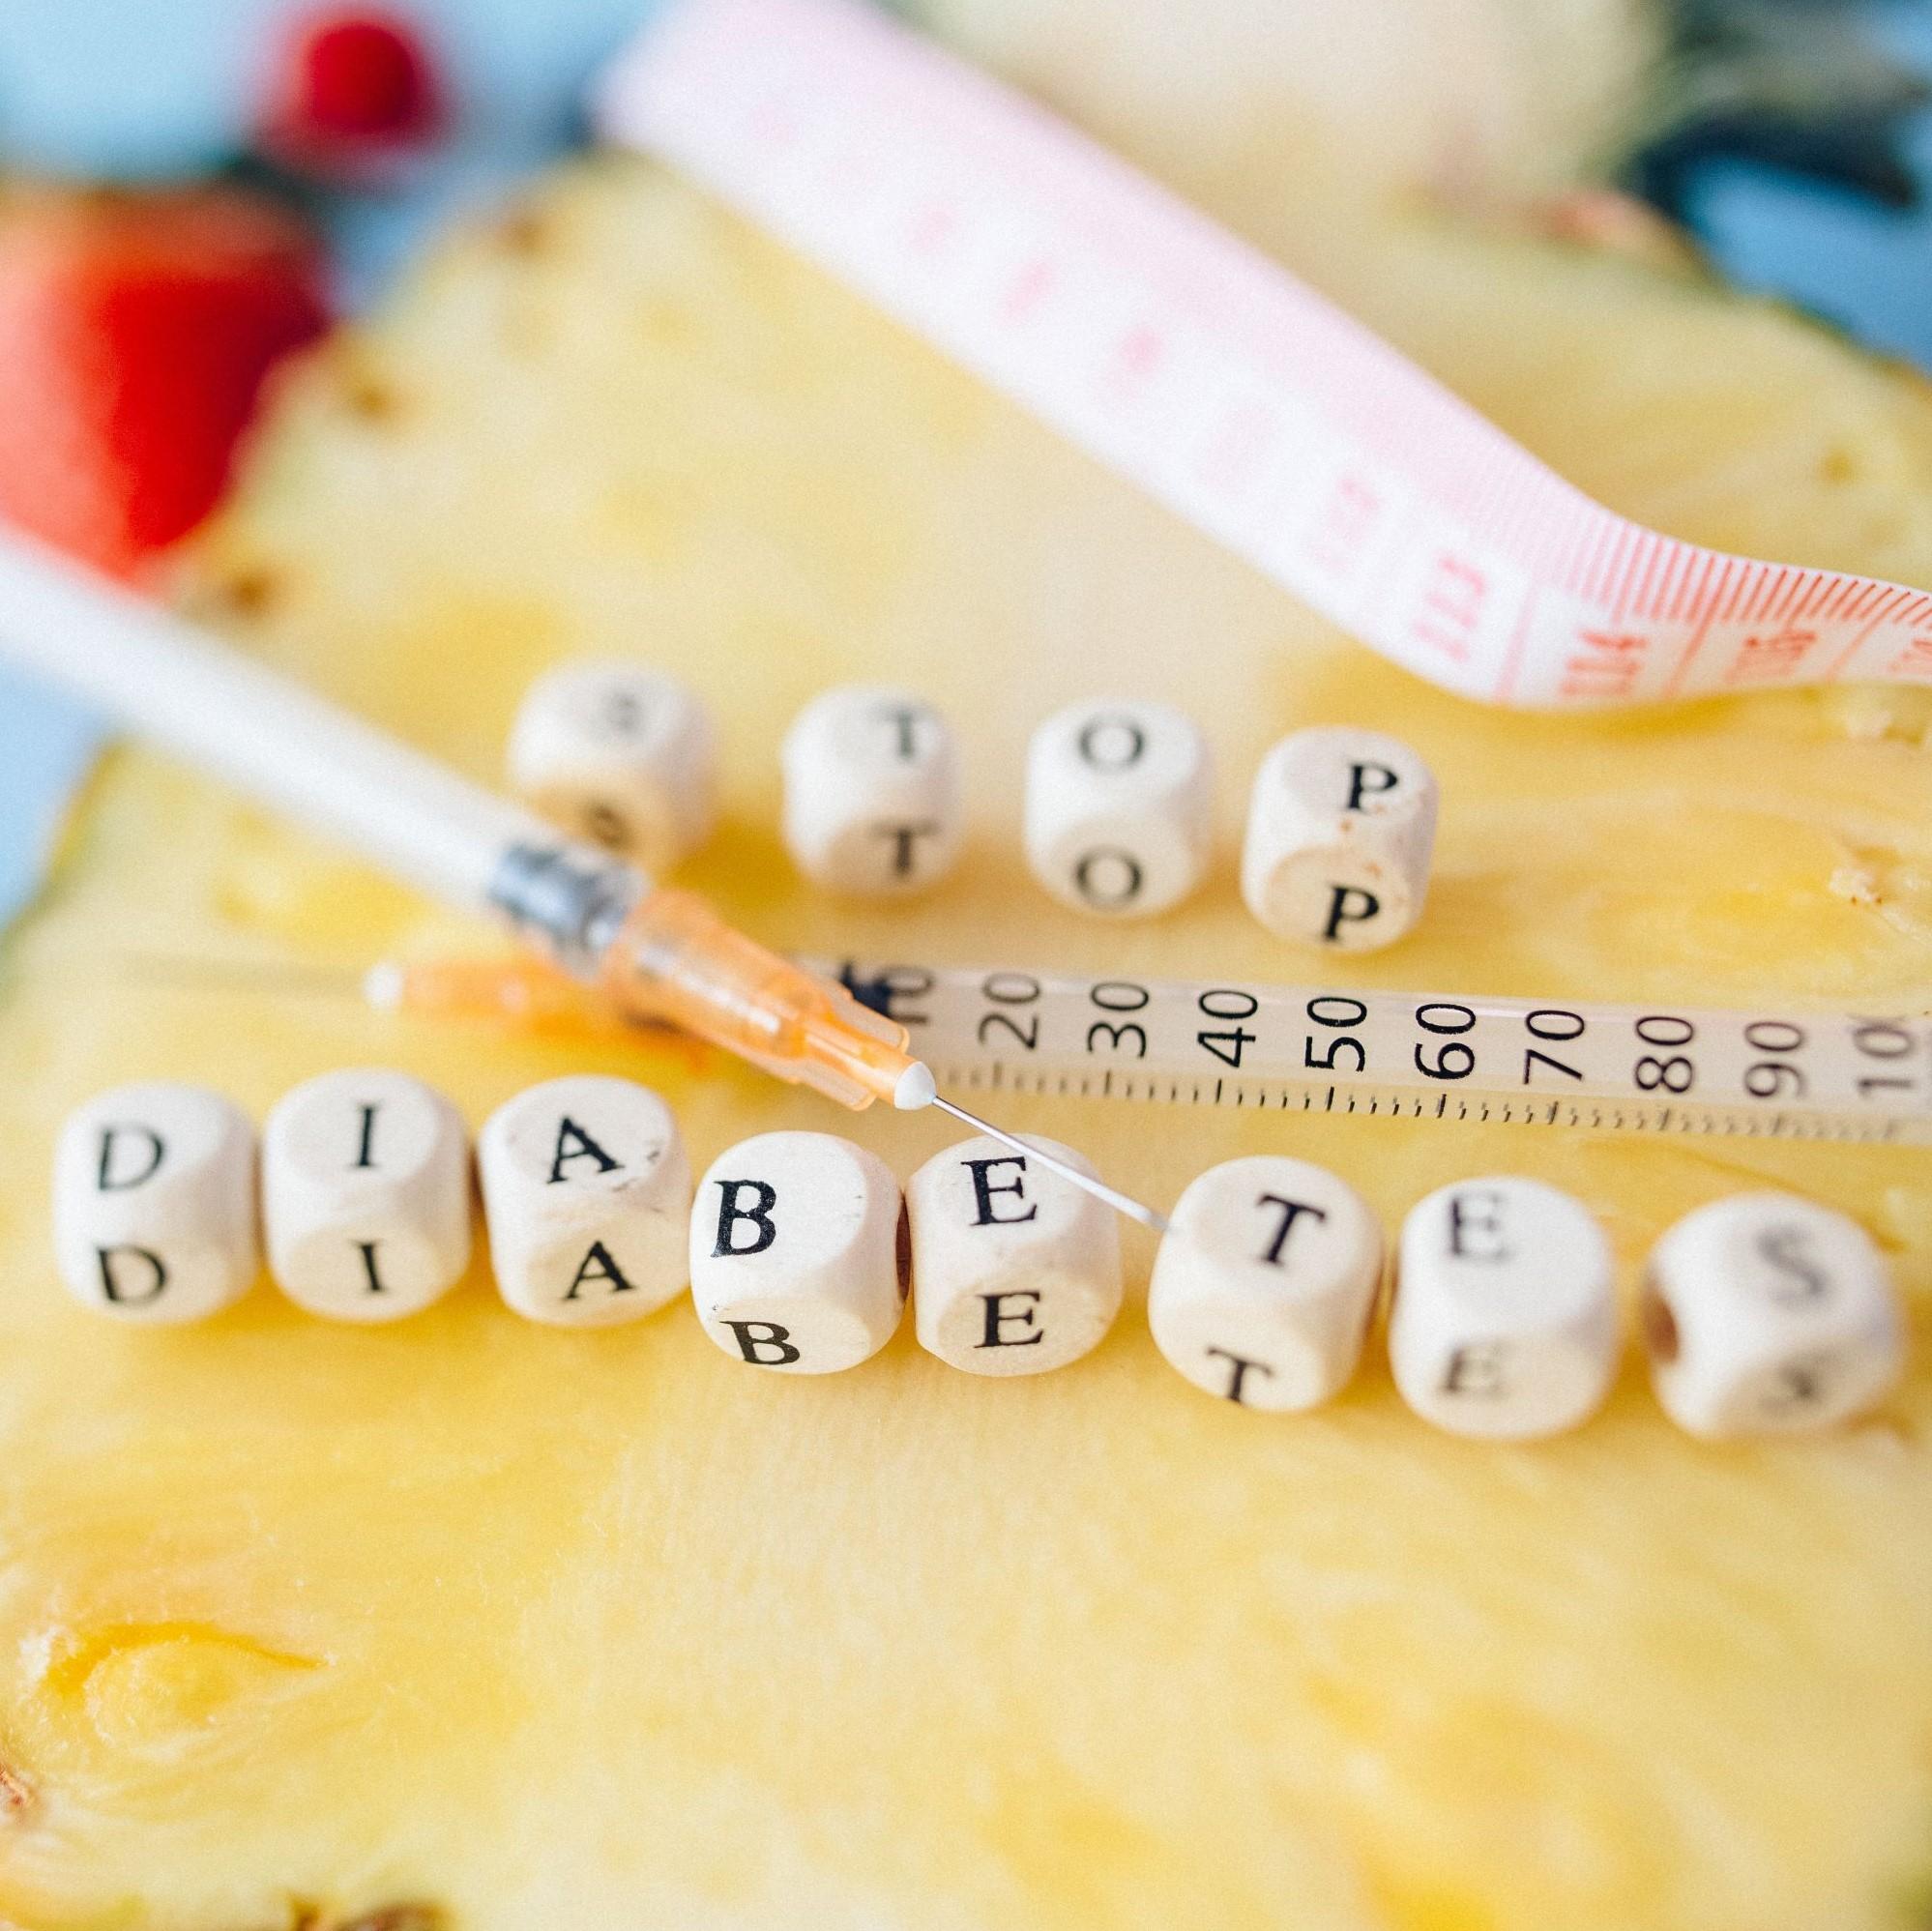 Διαβήτης τύπου 1: Πειραματική θεραπεία καταστέλλει εντυπωσιακά τα συμπτώματα της νόσου